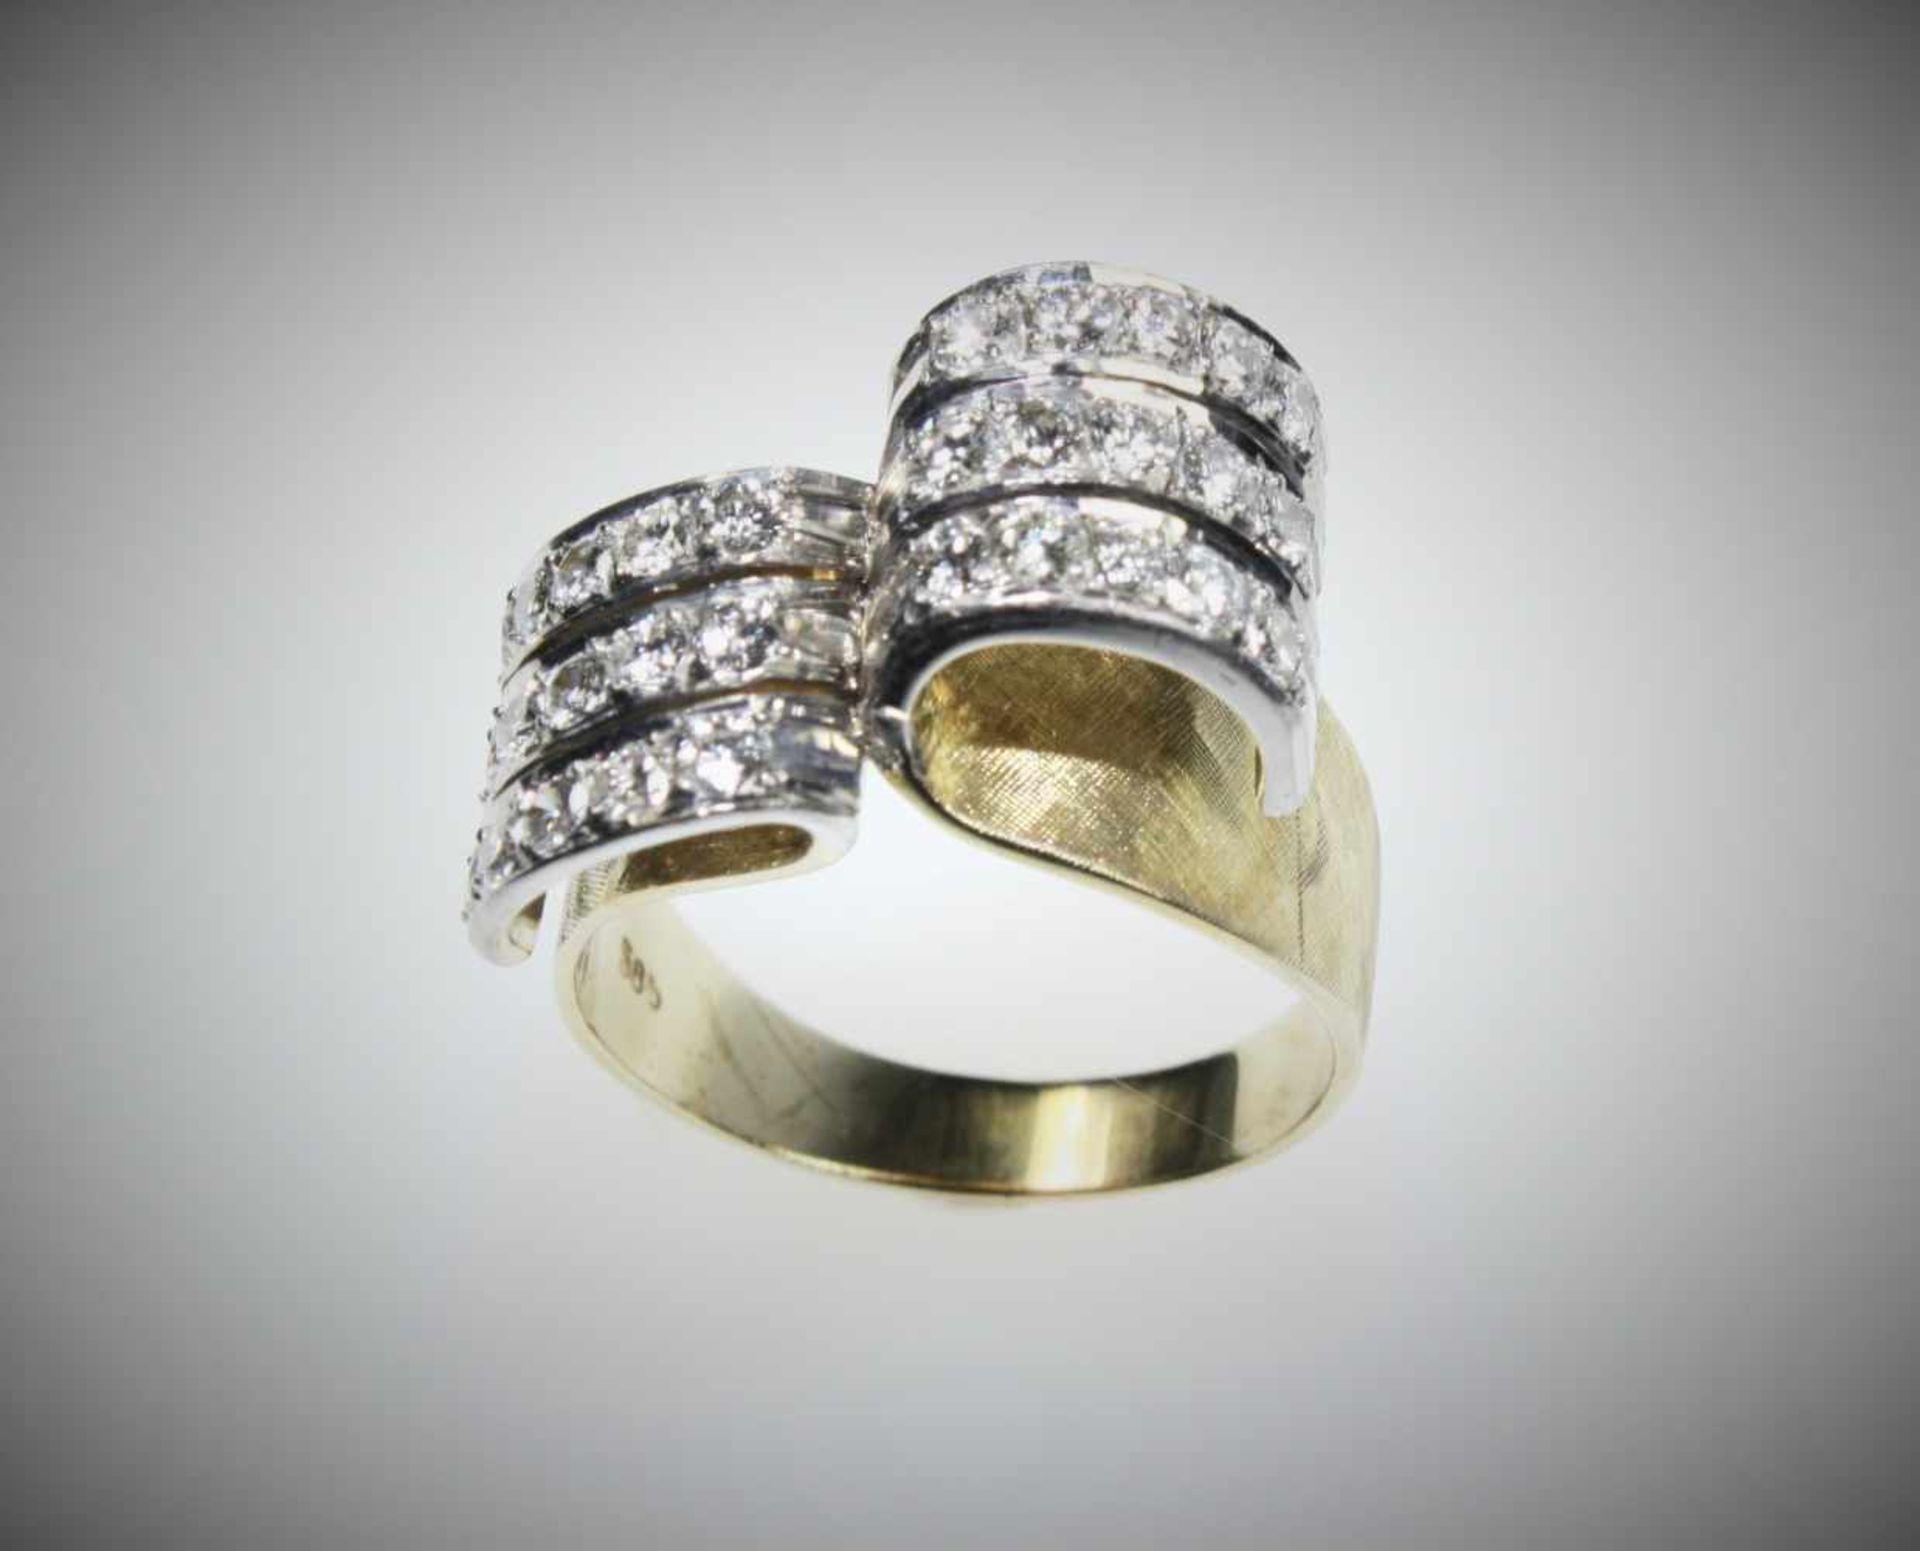 Ausgefallener Ring in Gelb- und Weißgold 585/f gest., als Ringkopf zur Seite je drei Streifen